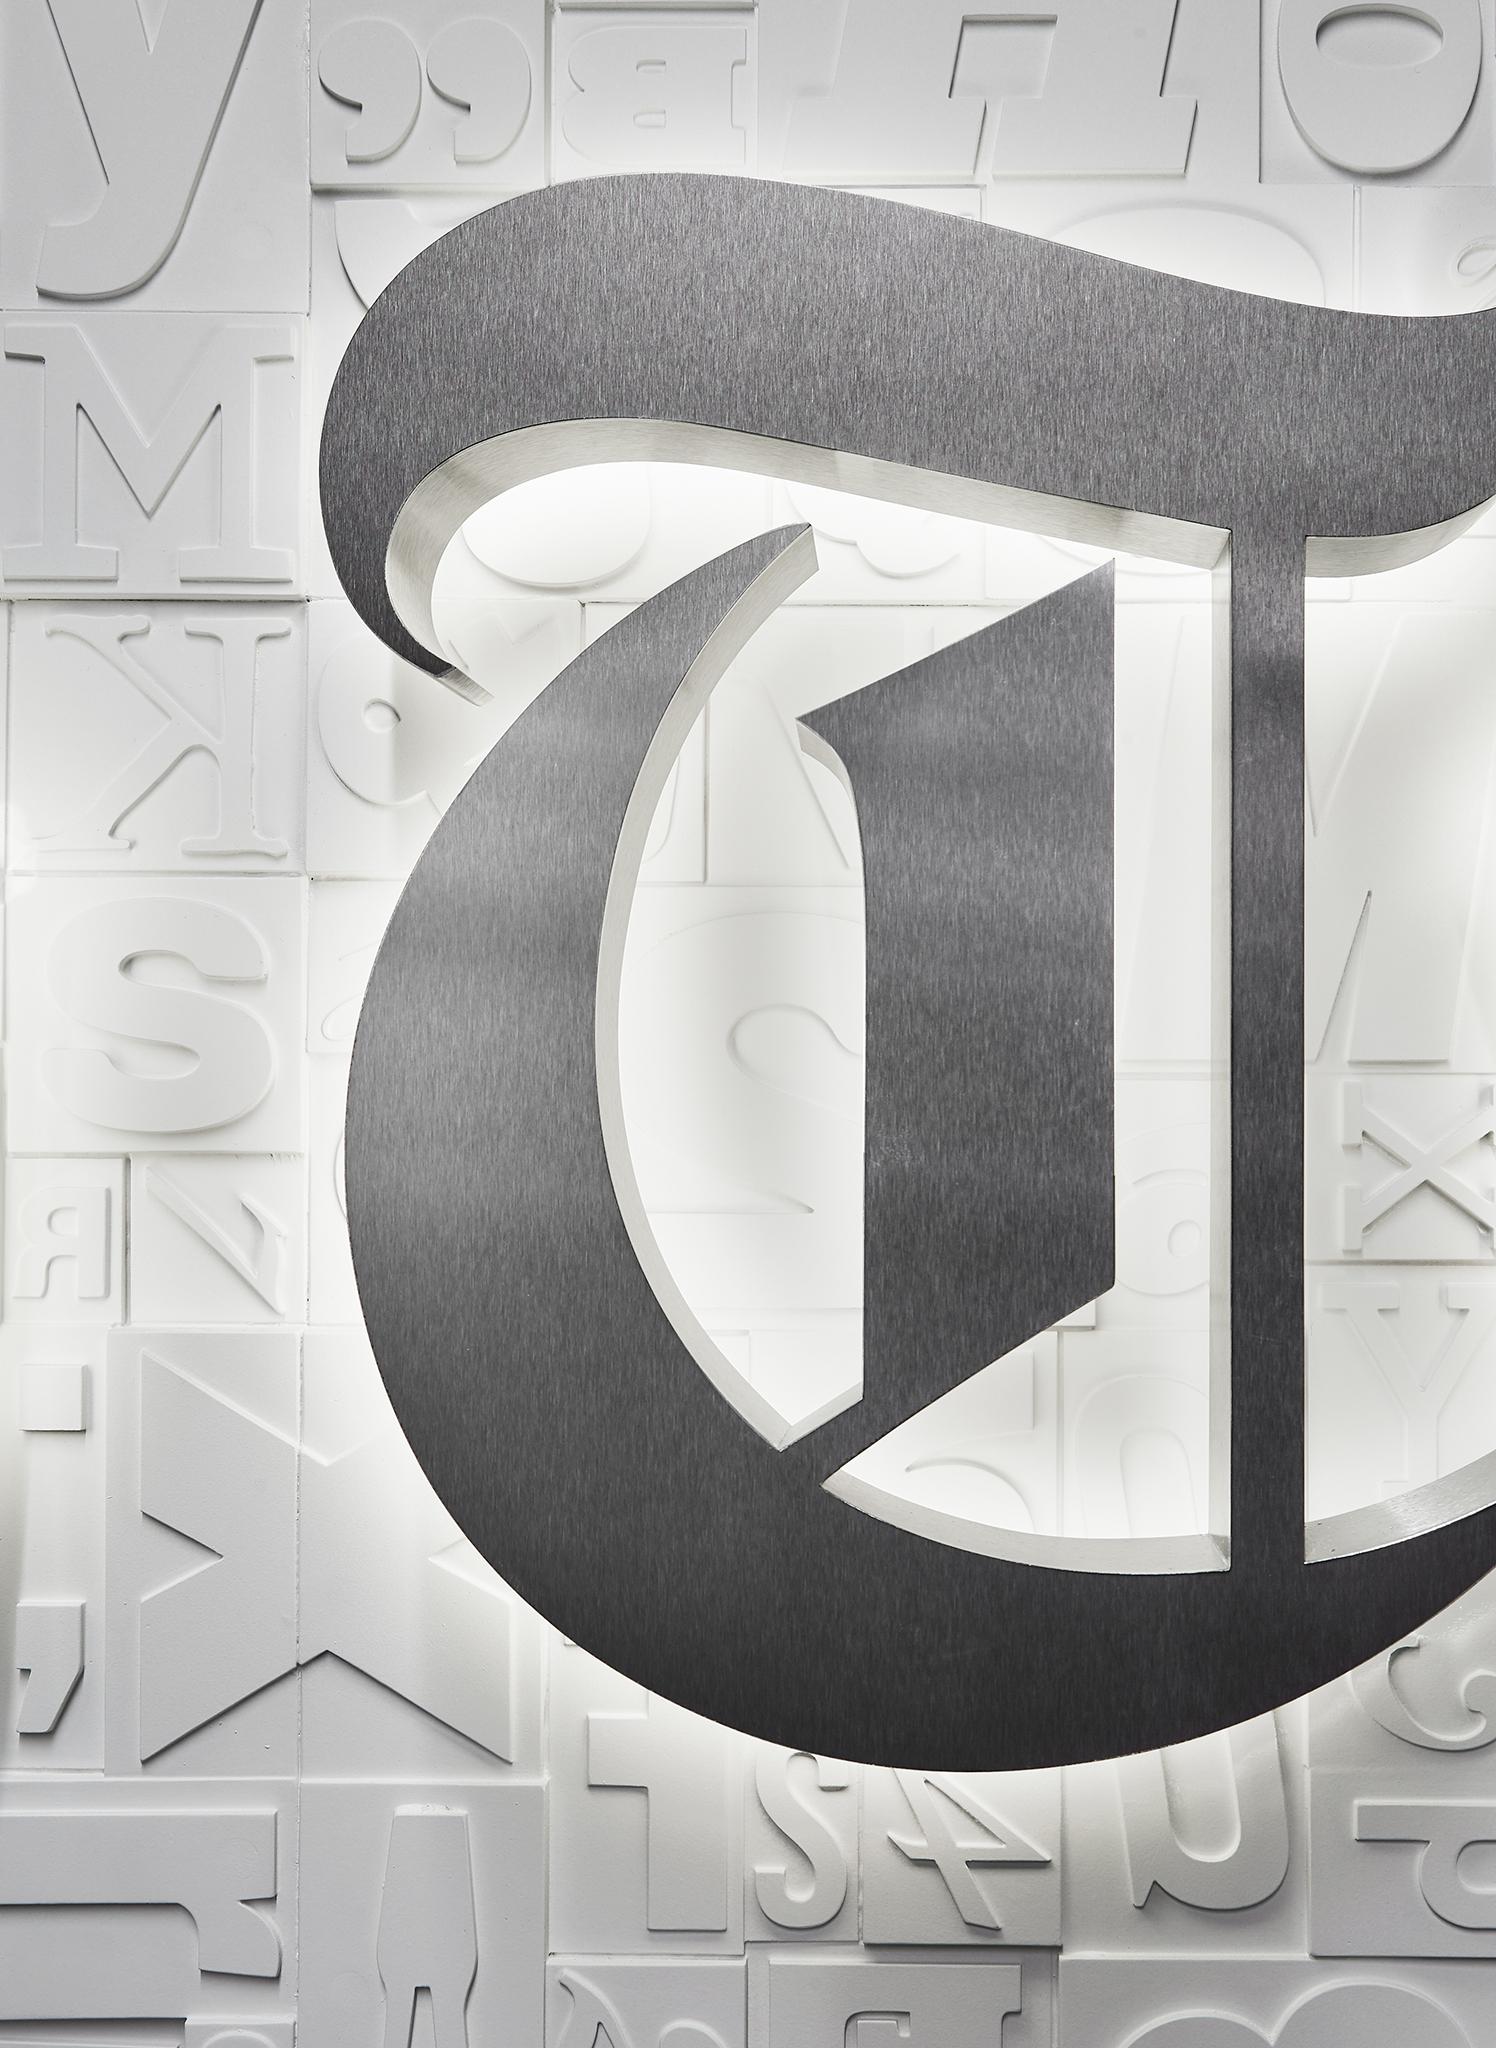 Tribune_027.jpg